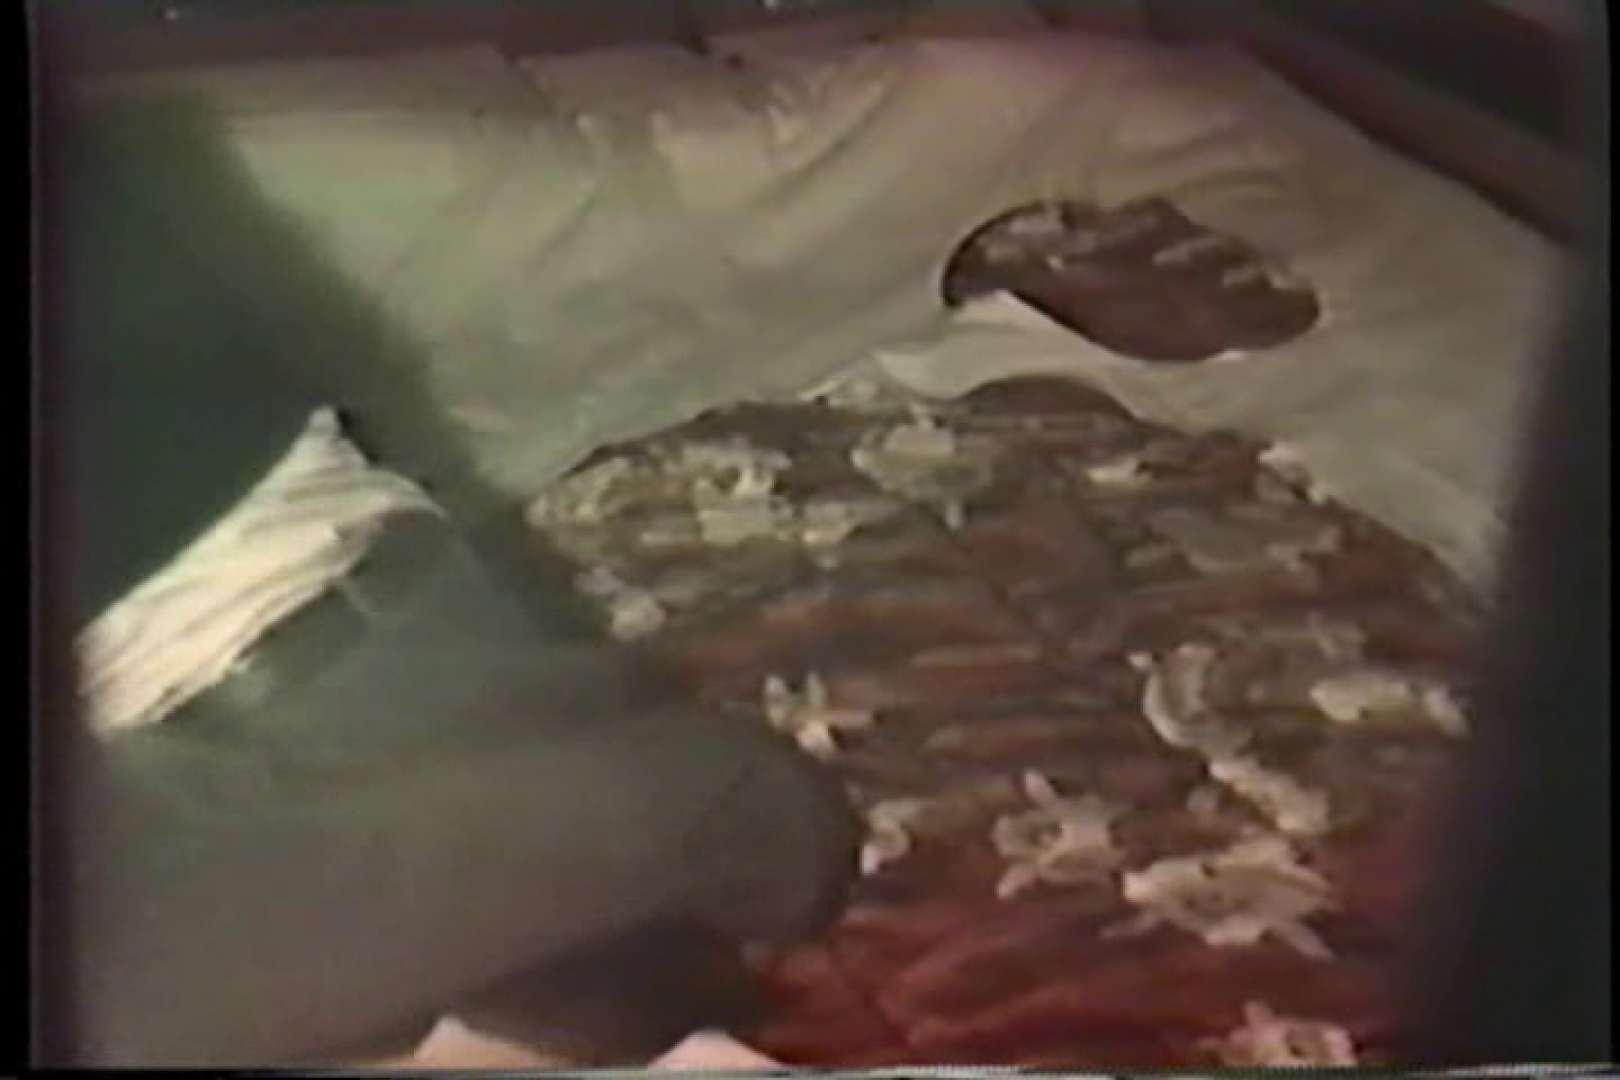 実録!ラブホテル~消し忘れ注意!昭和の色編~ vol.11 カップル映像 おまんこ無修正動画無料 79PIX 75